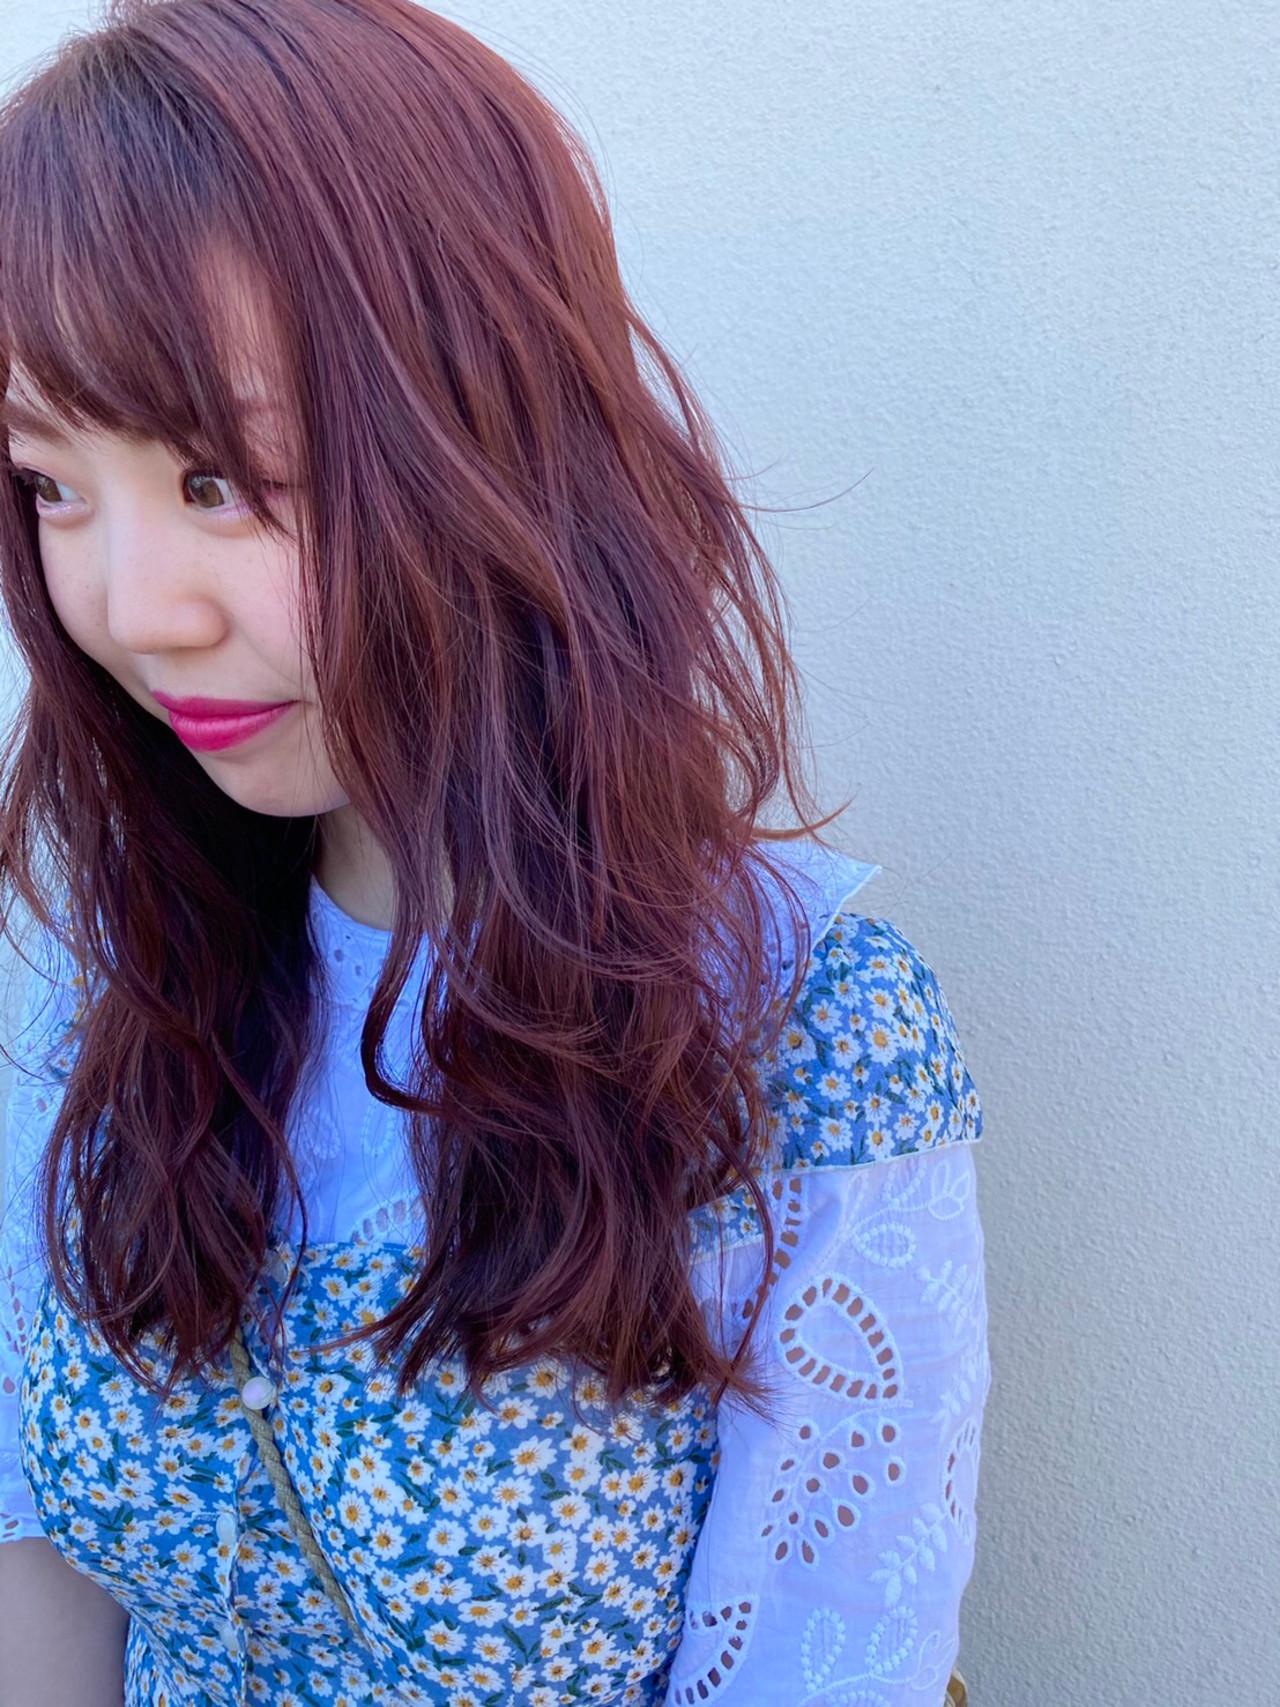 巻き髪 ピンクアッシュ ロング ピンクバイオレット ヘアスタイルや髪型の写真・画像 | 増田智仁 / マニスオブヘアー